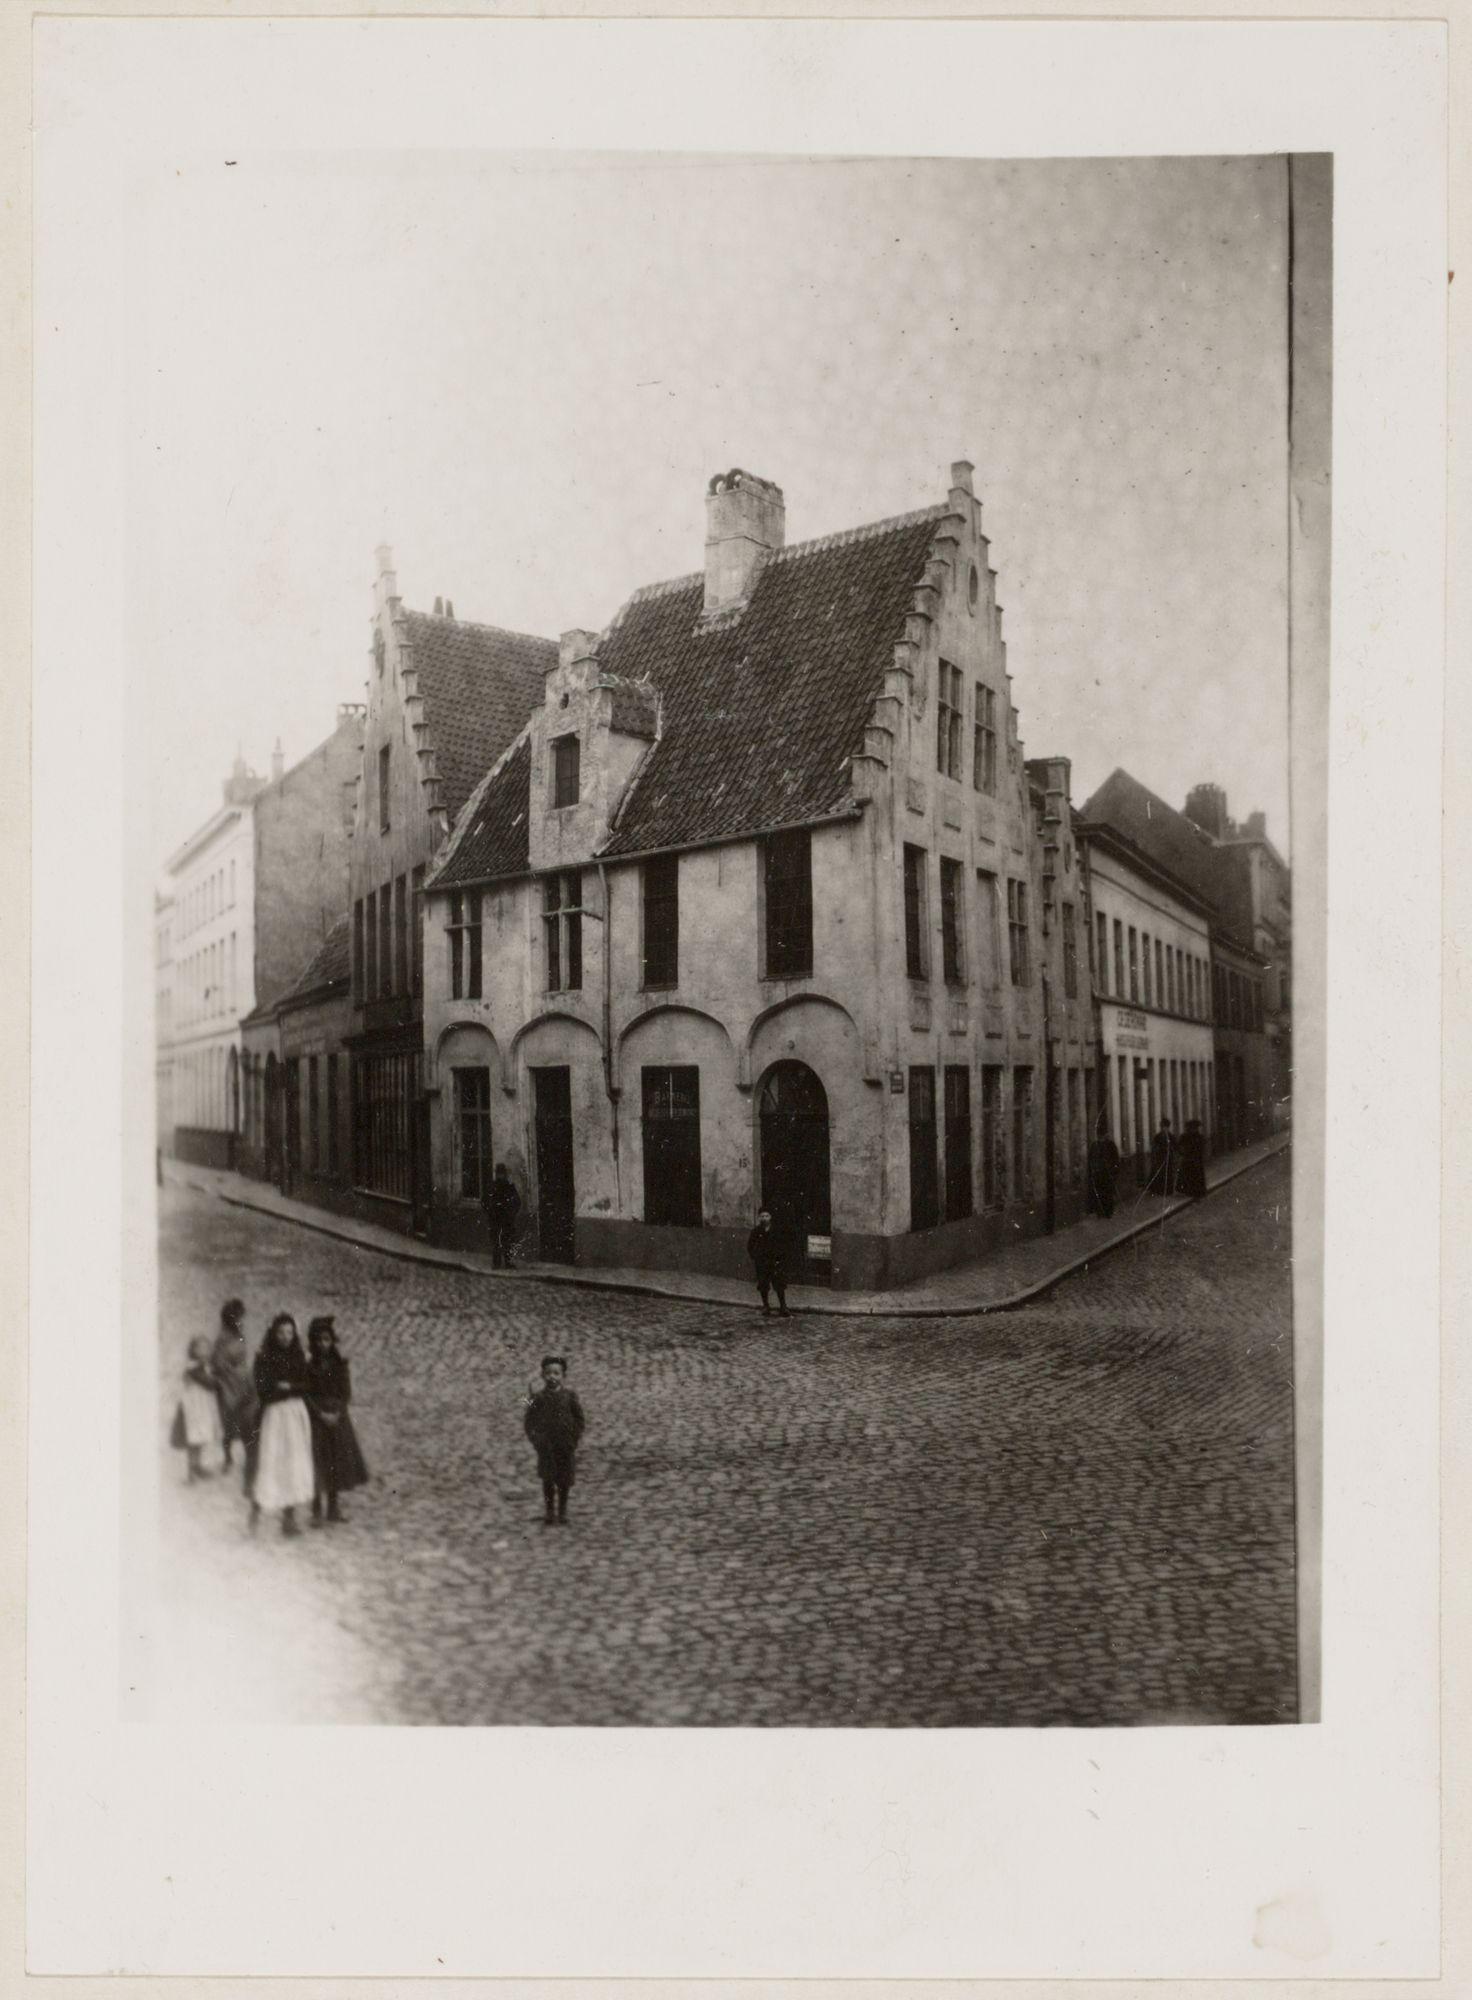 Gent: Bakkerij, hoek Gildestraat en Houtbriel